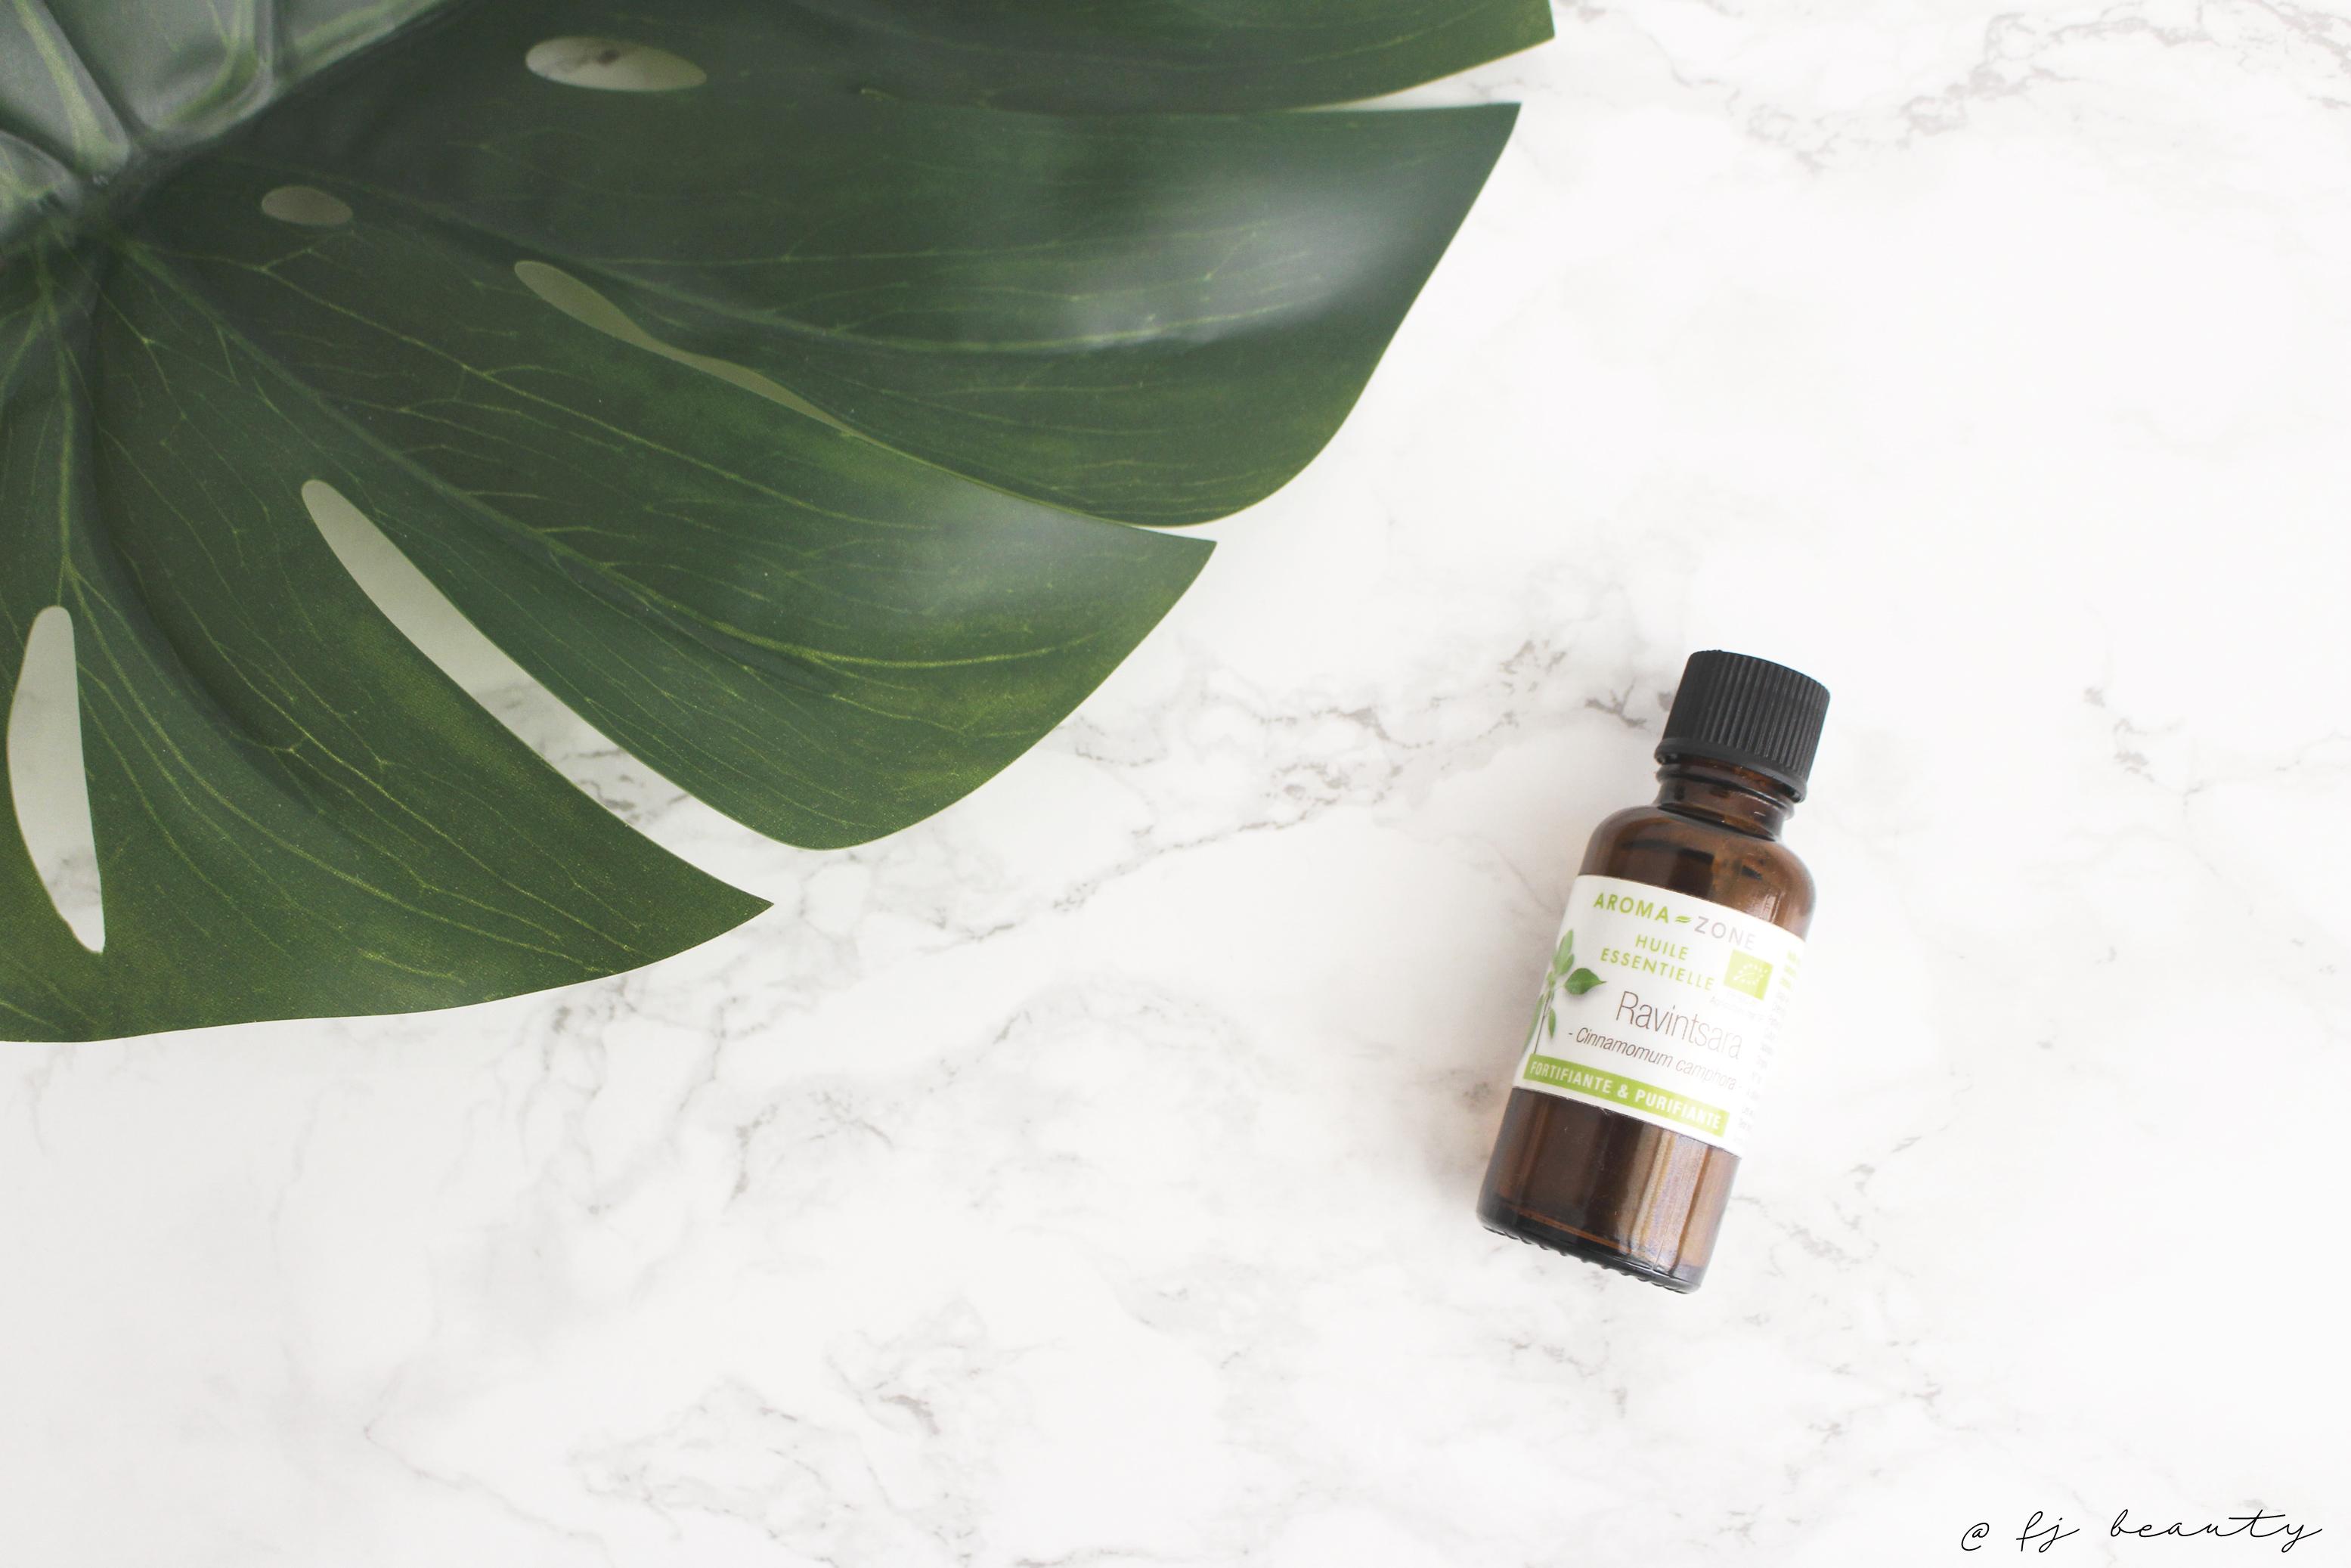 huile essentielle ravintsara boutons acné